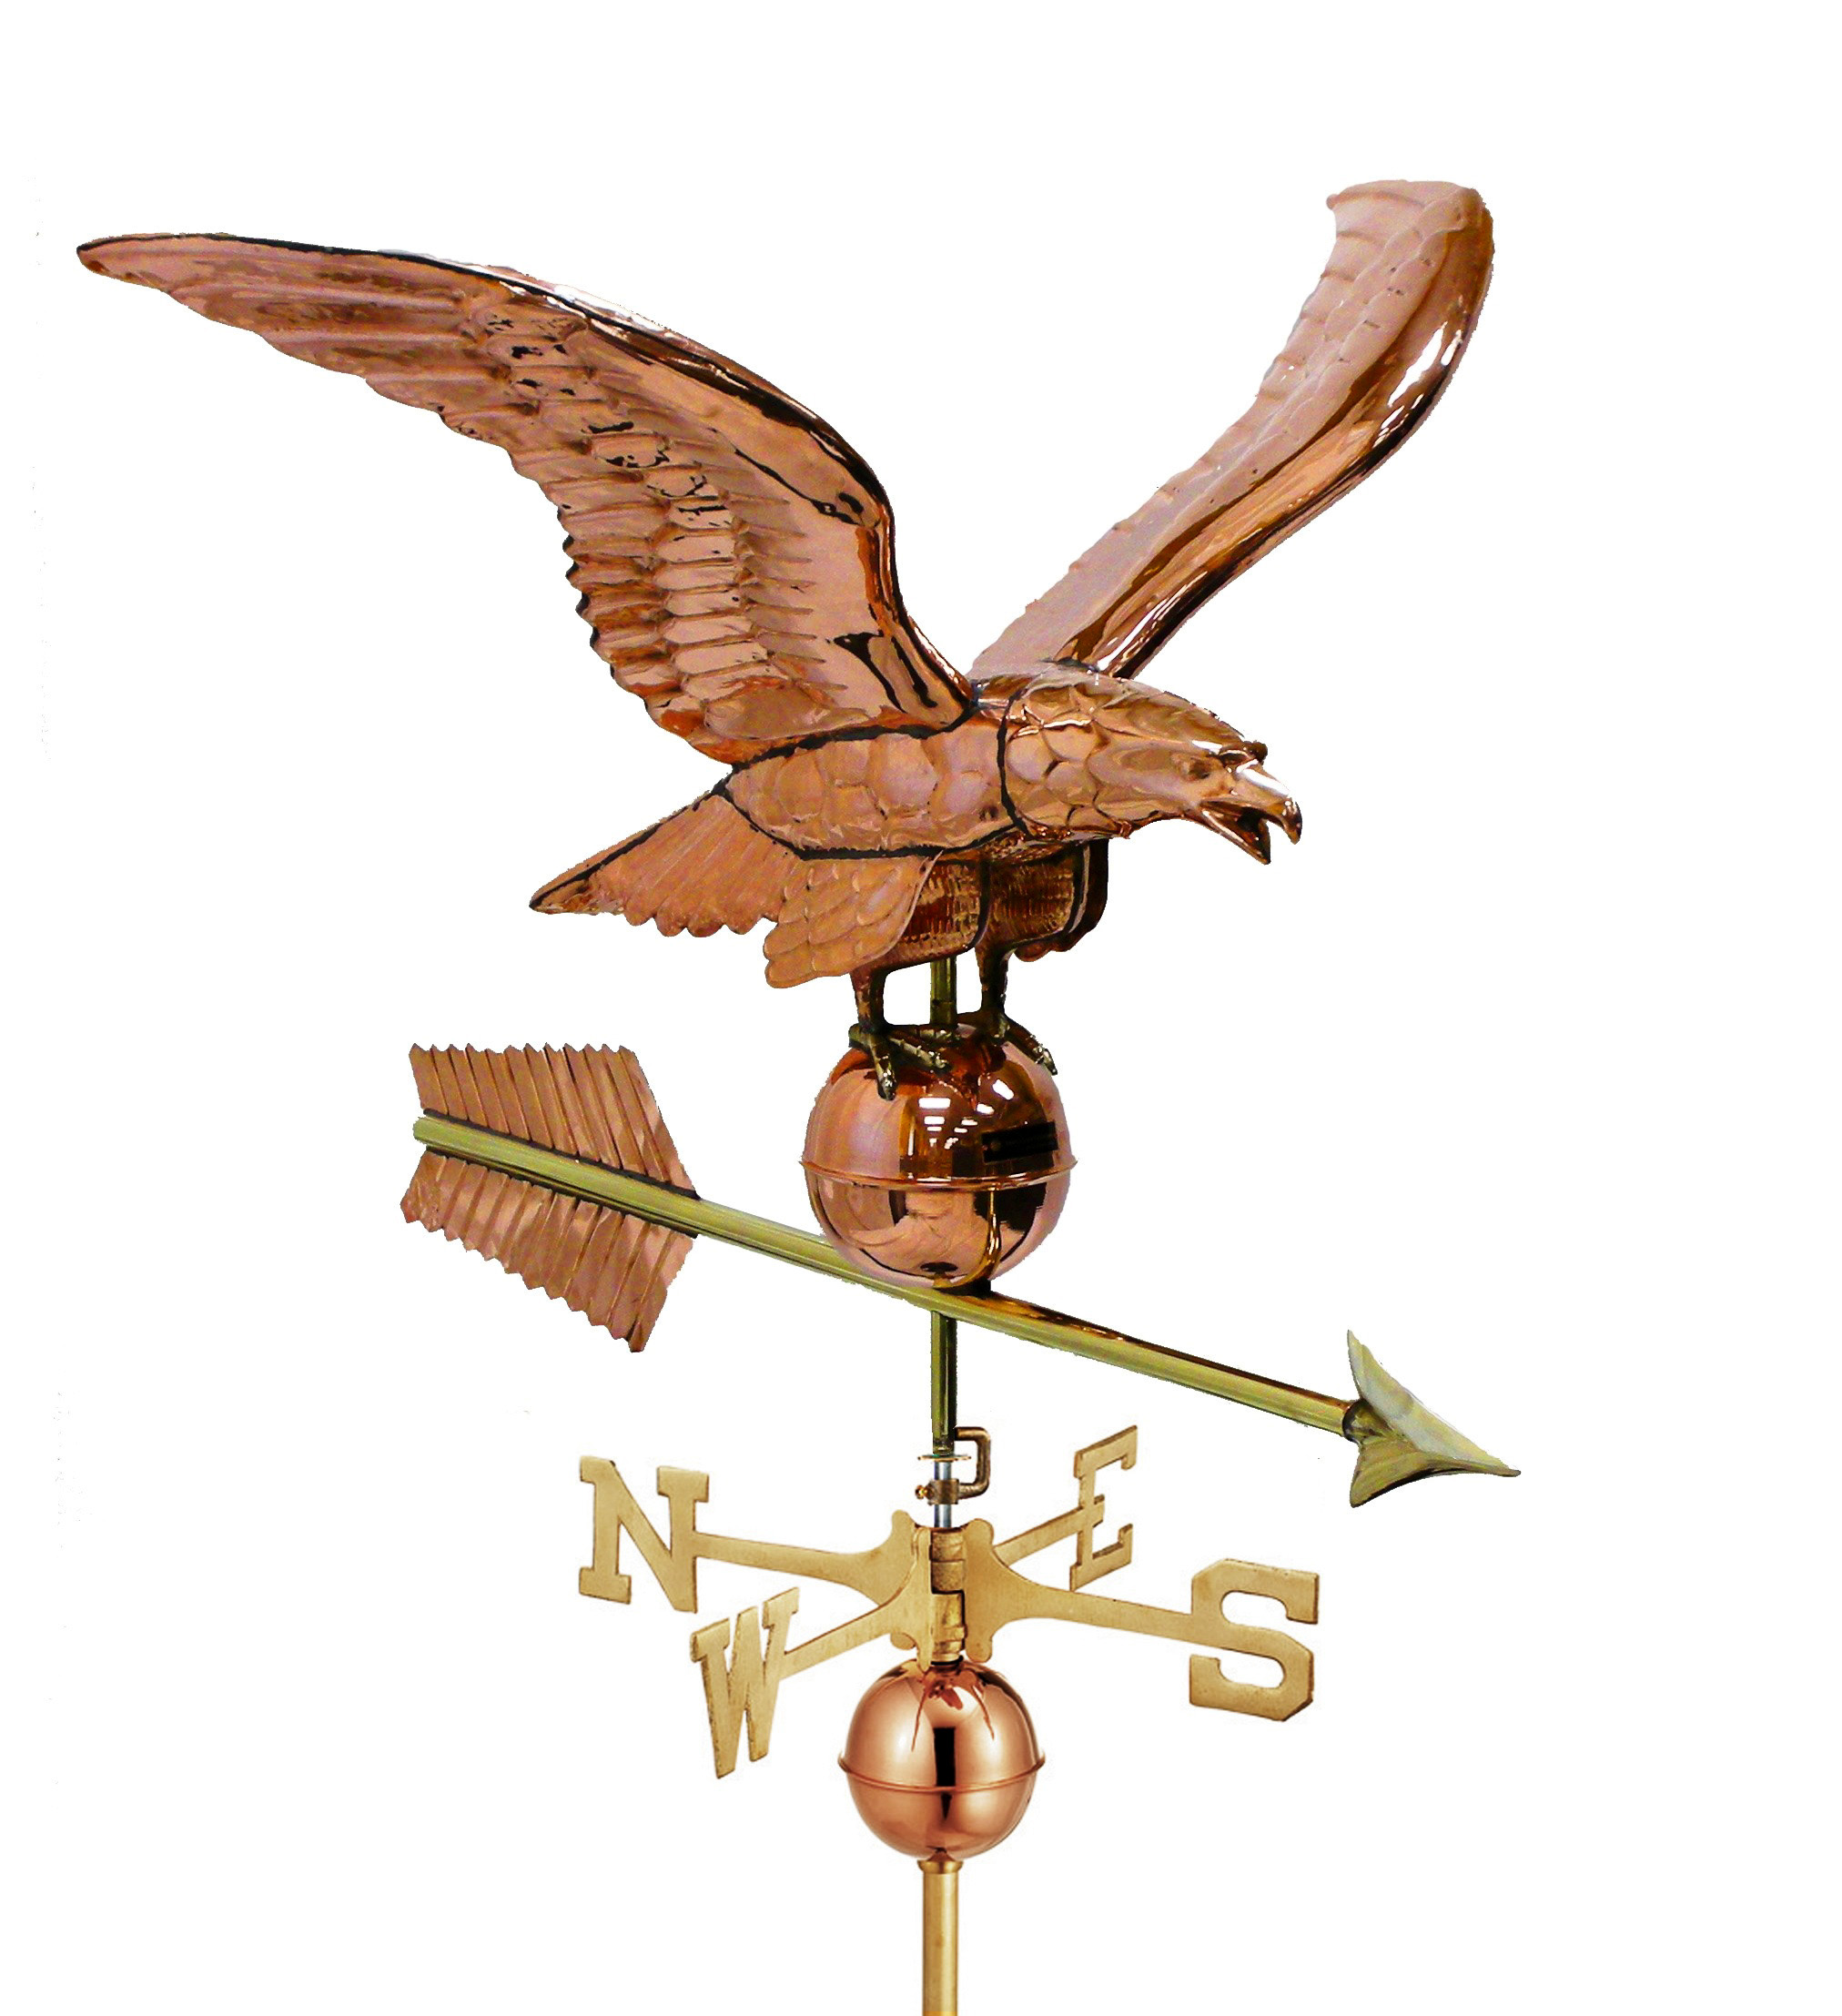 956P_Smithsonian Eagle_Polished_Silo 1.jpg